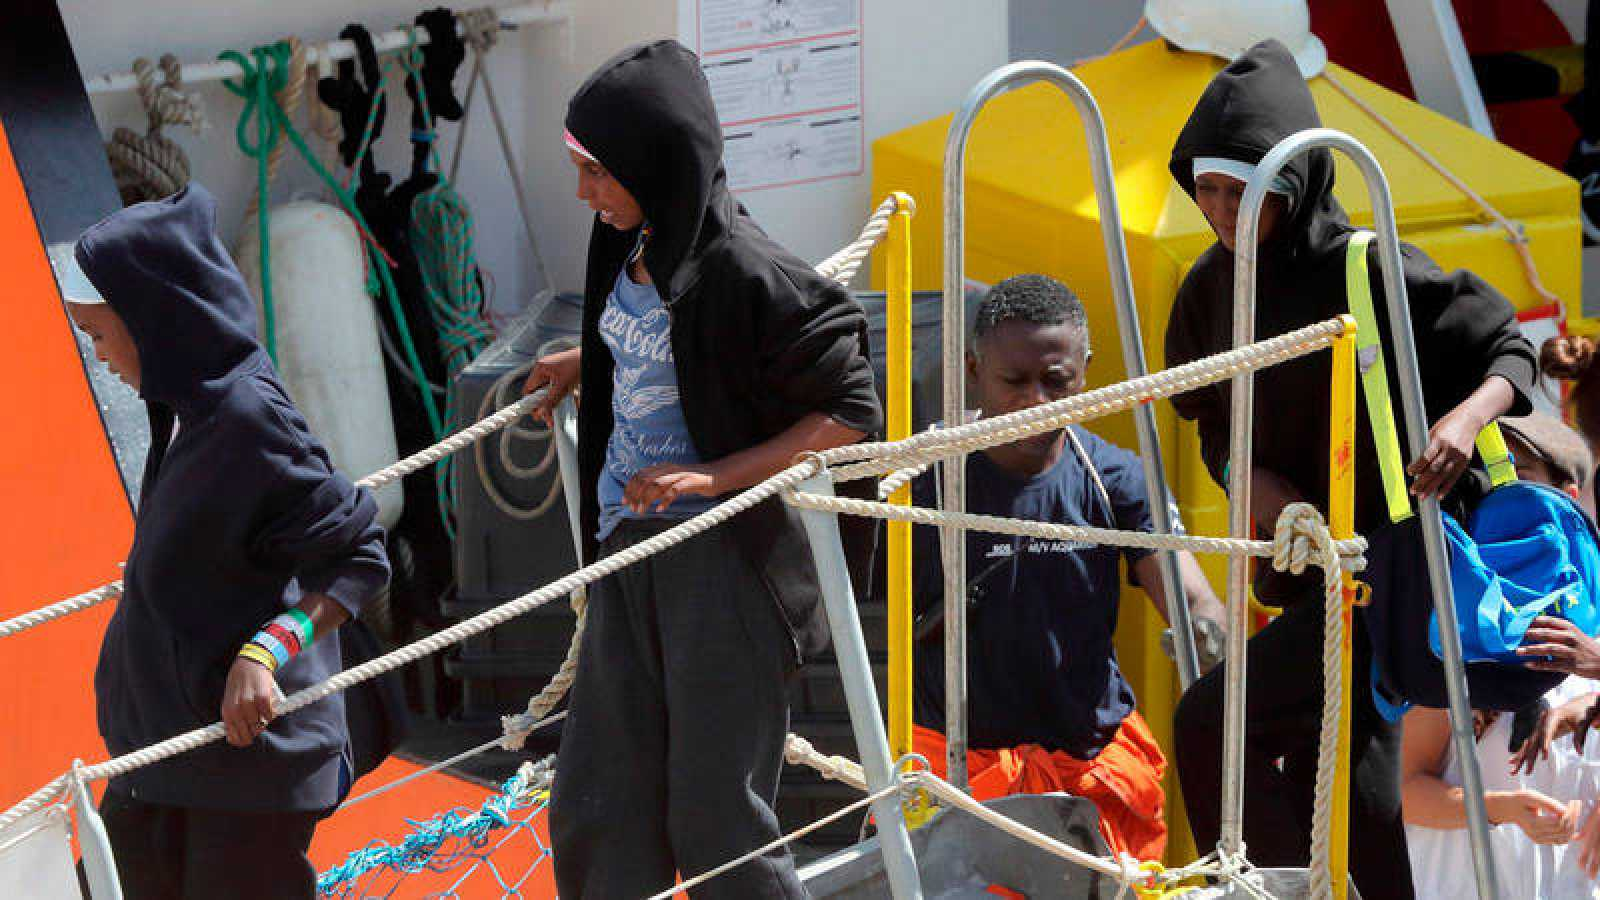 Desembarco de varios inmigrantes del barco Aquarius en el puerto maltés de La Valeta (Malta) el pasado 15 de agosto